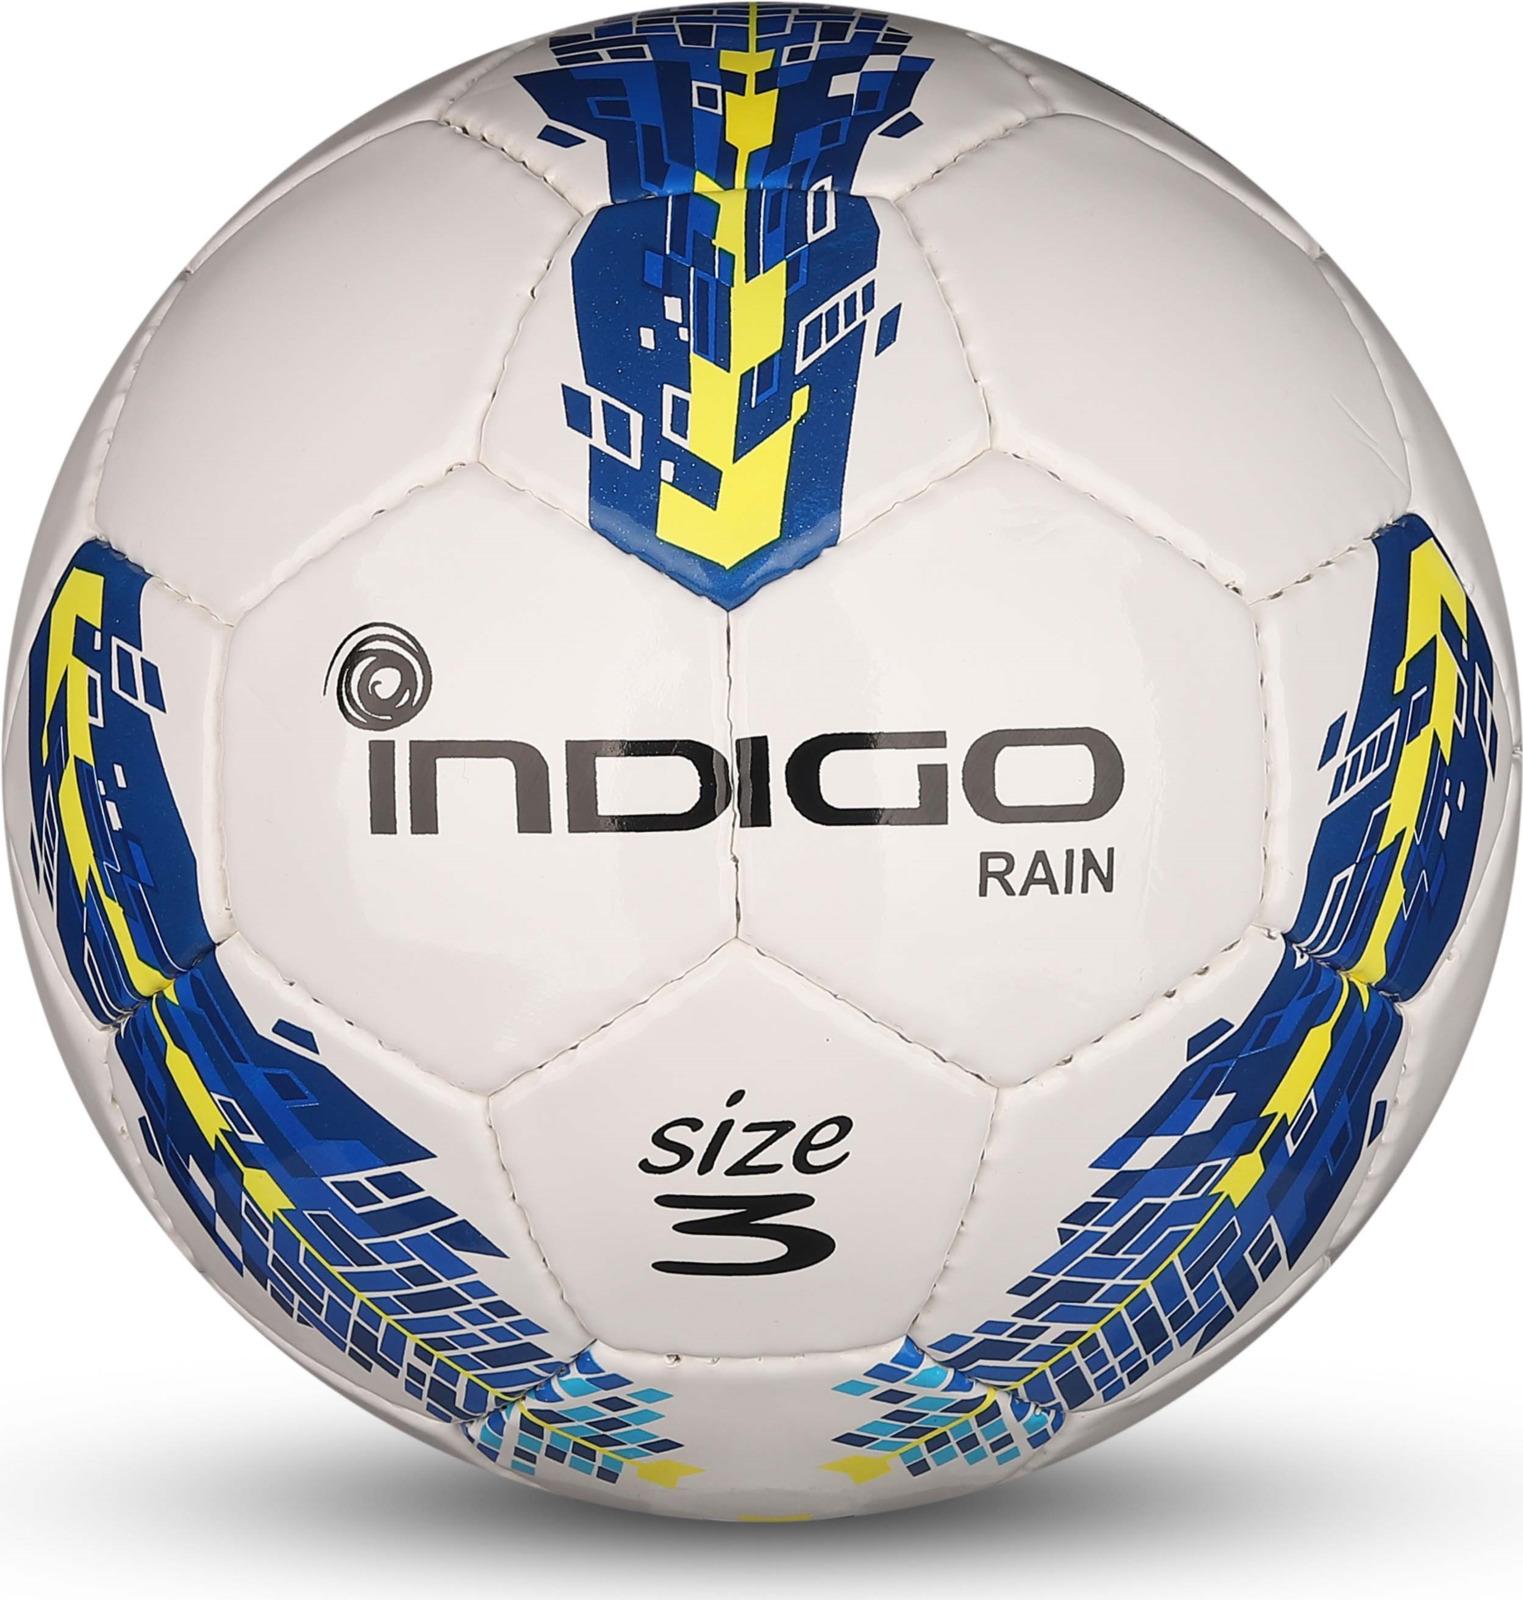 Мяч футбольный Indigo Rain, IN031, белый, синий, желтый, размер 3 очиститель кондиционер кожи autoprofi средство для бережного ухода за кожаным салоном автомобиля и другими изделиями из кожи триггер 500мл